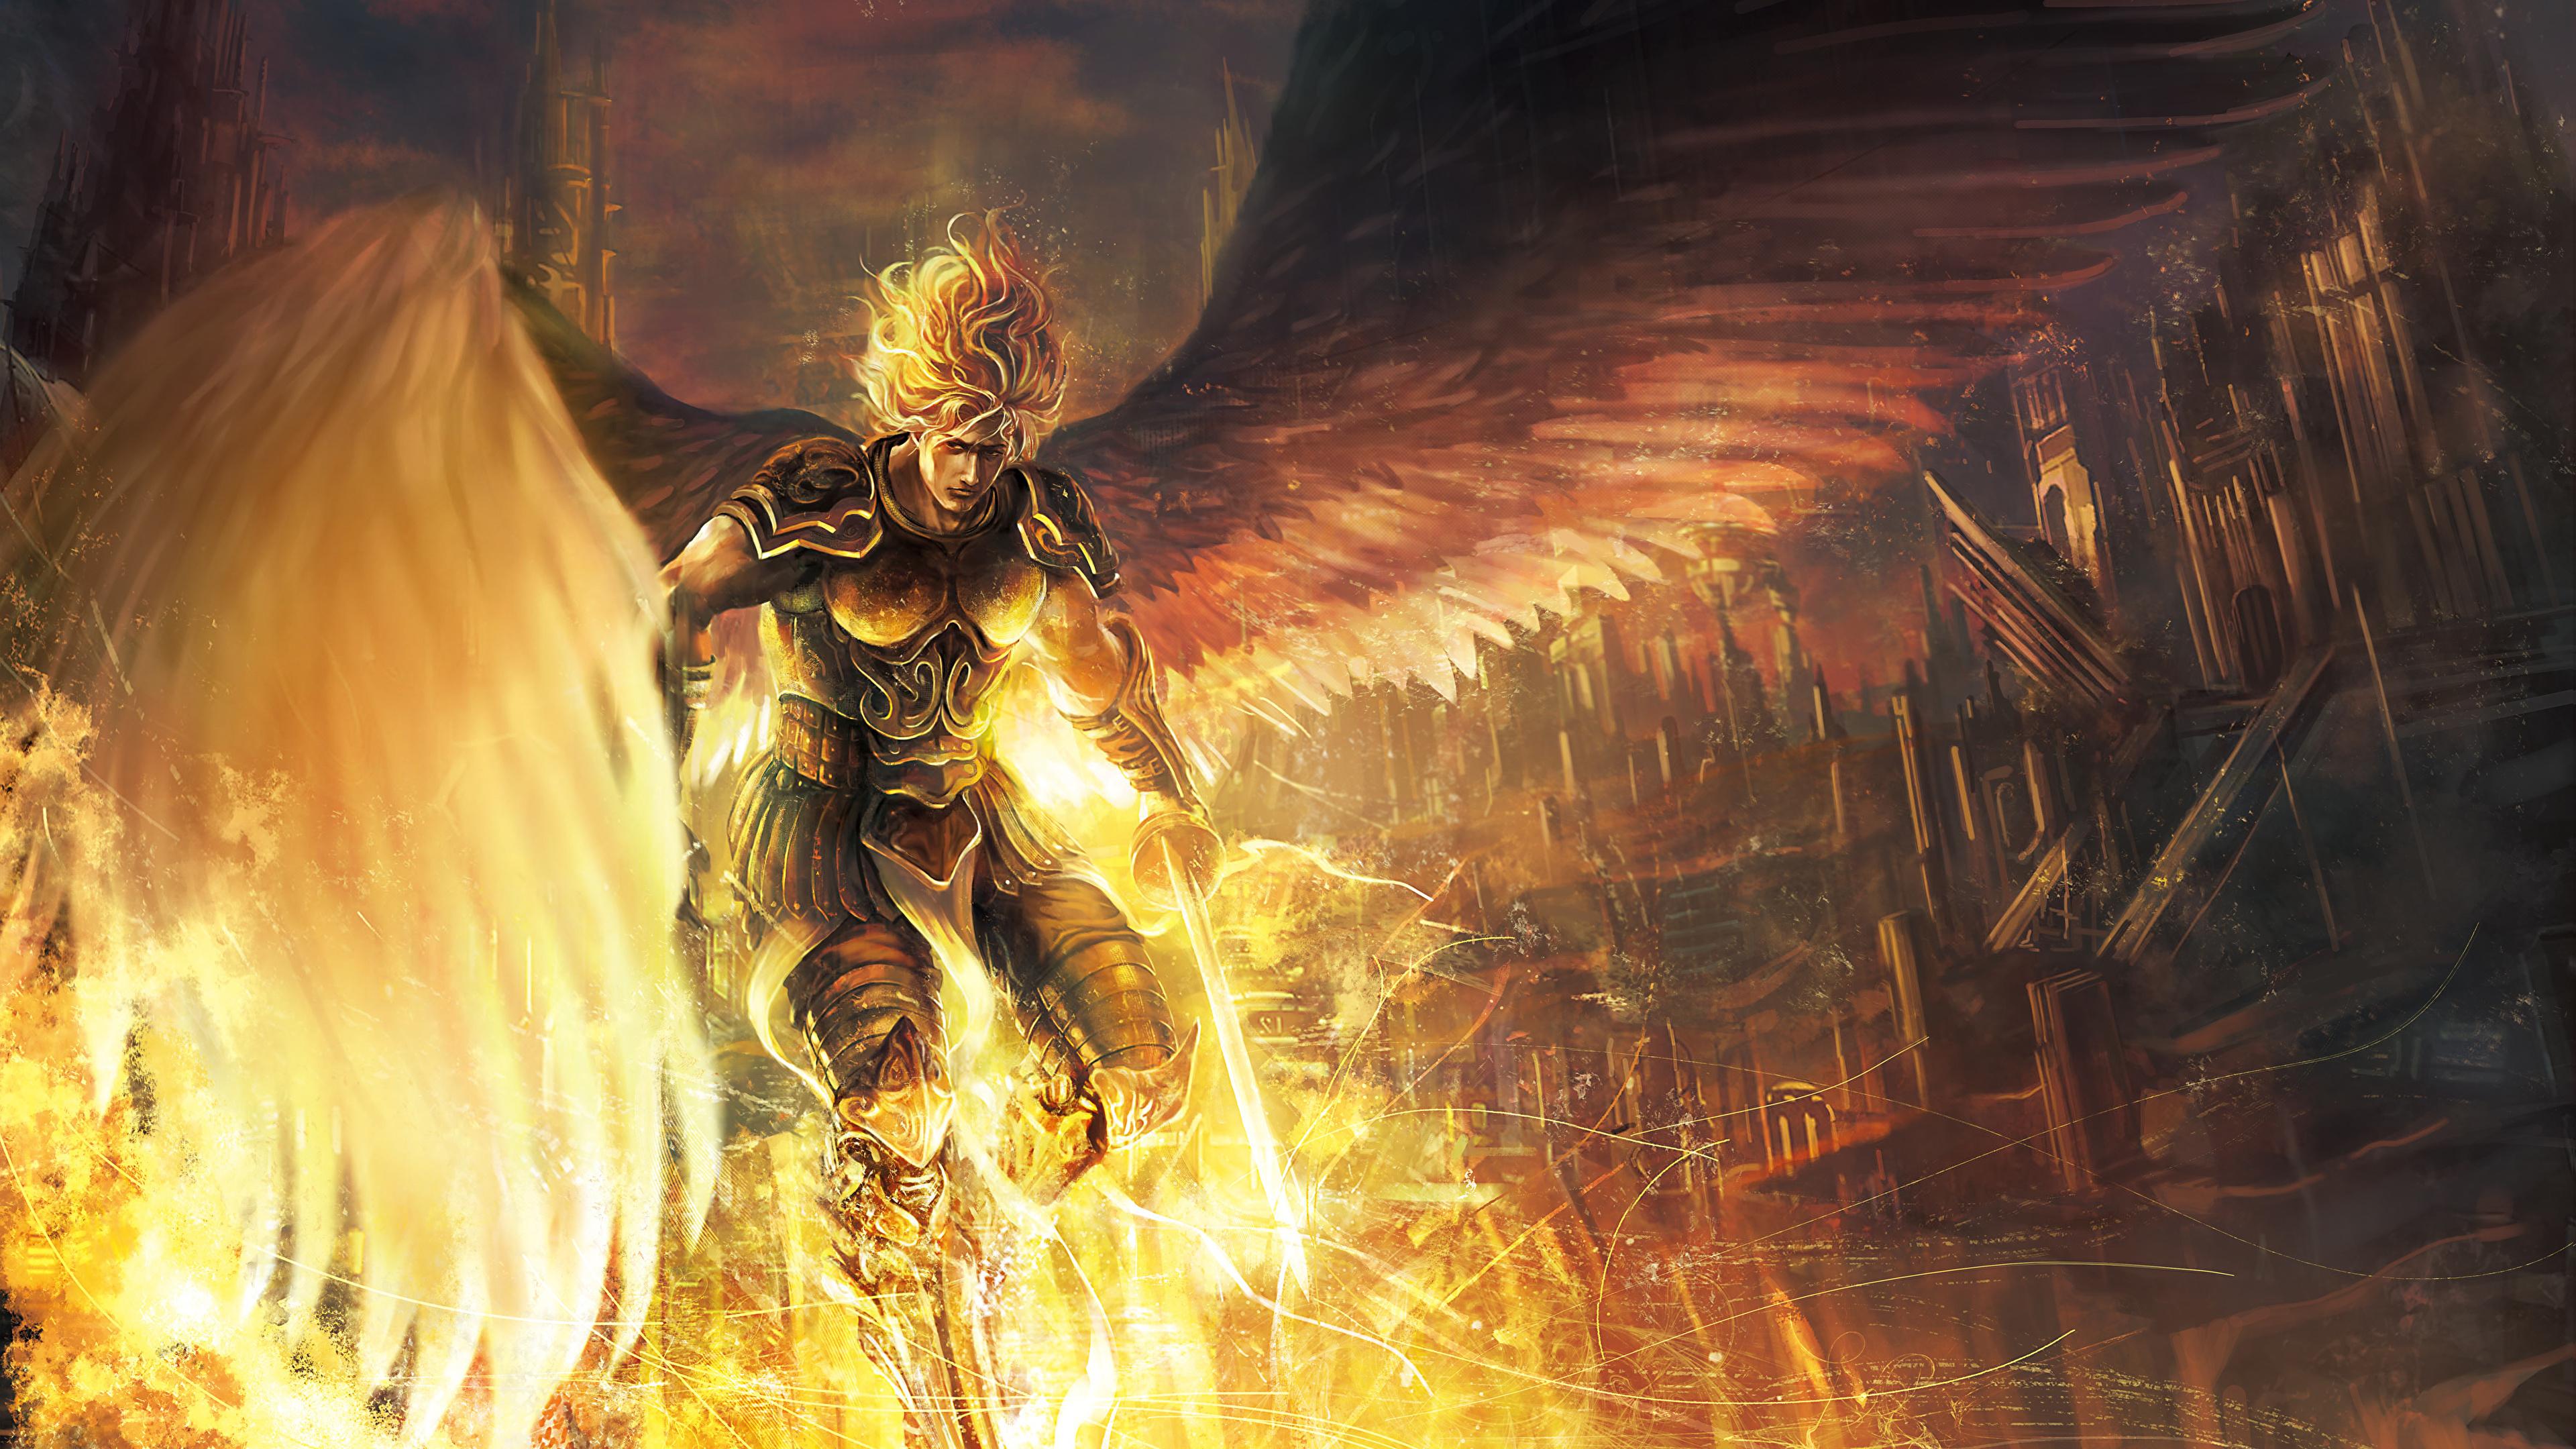 Мжчина с окровавленным мечем в огне  № 1840945 бесплатно